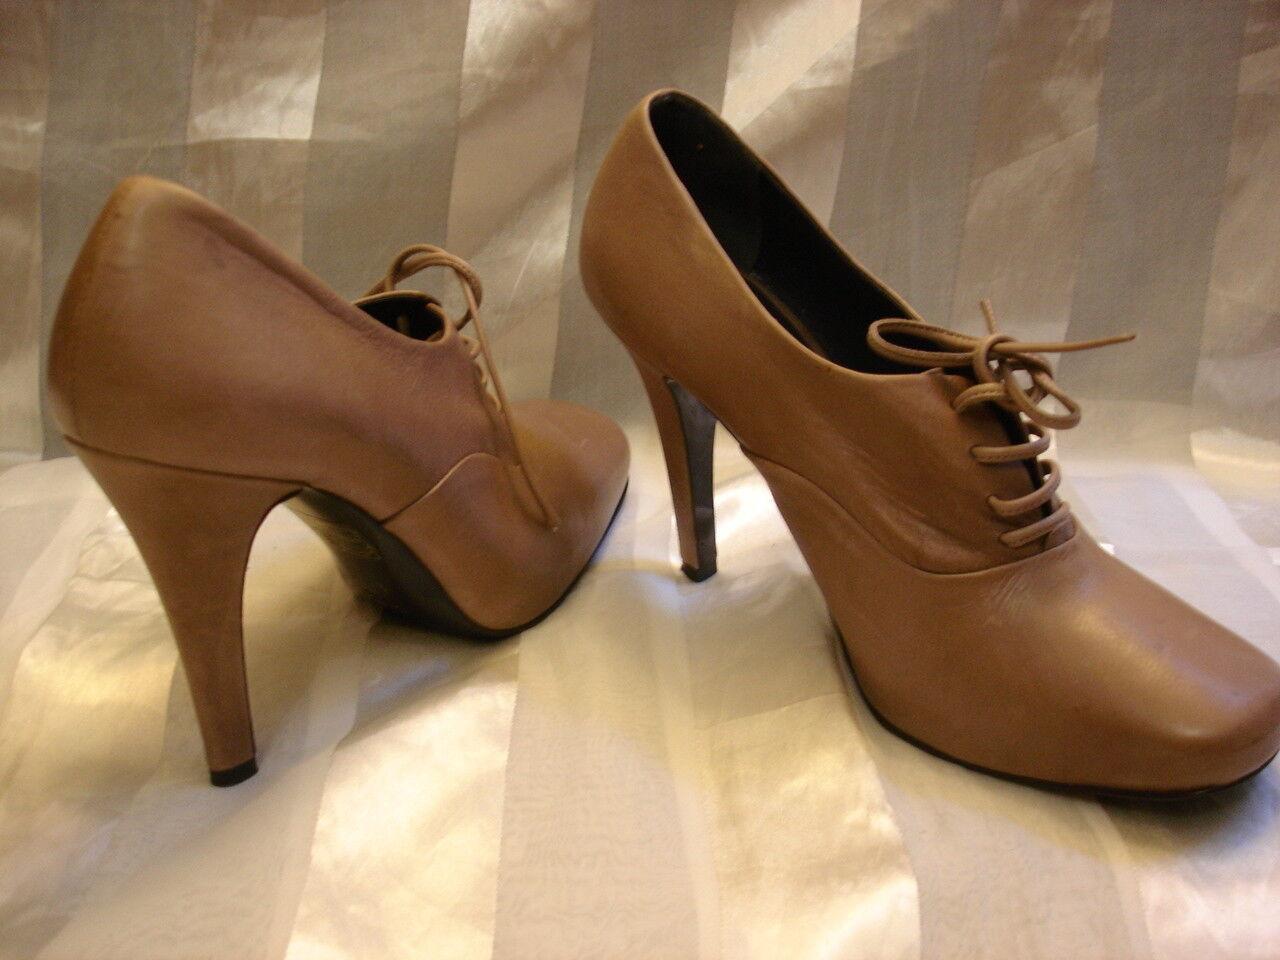 UN DIMANCHE A VENISE par Shoes KALLISTE Leather High Heel Shoes par Booties Sz 38 EUR 0e408f